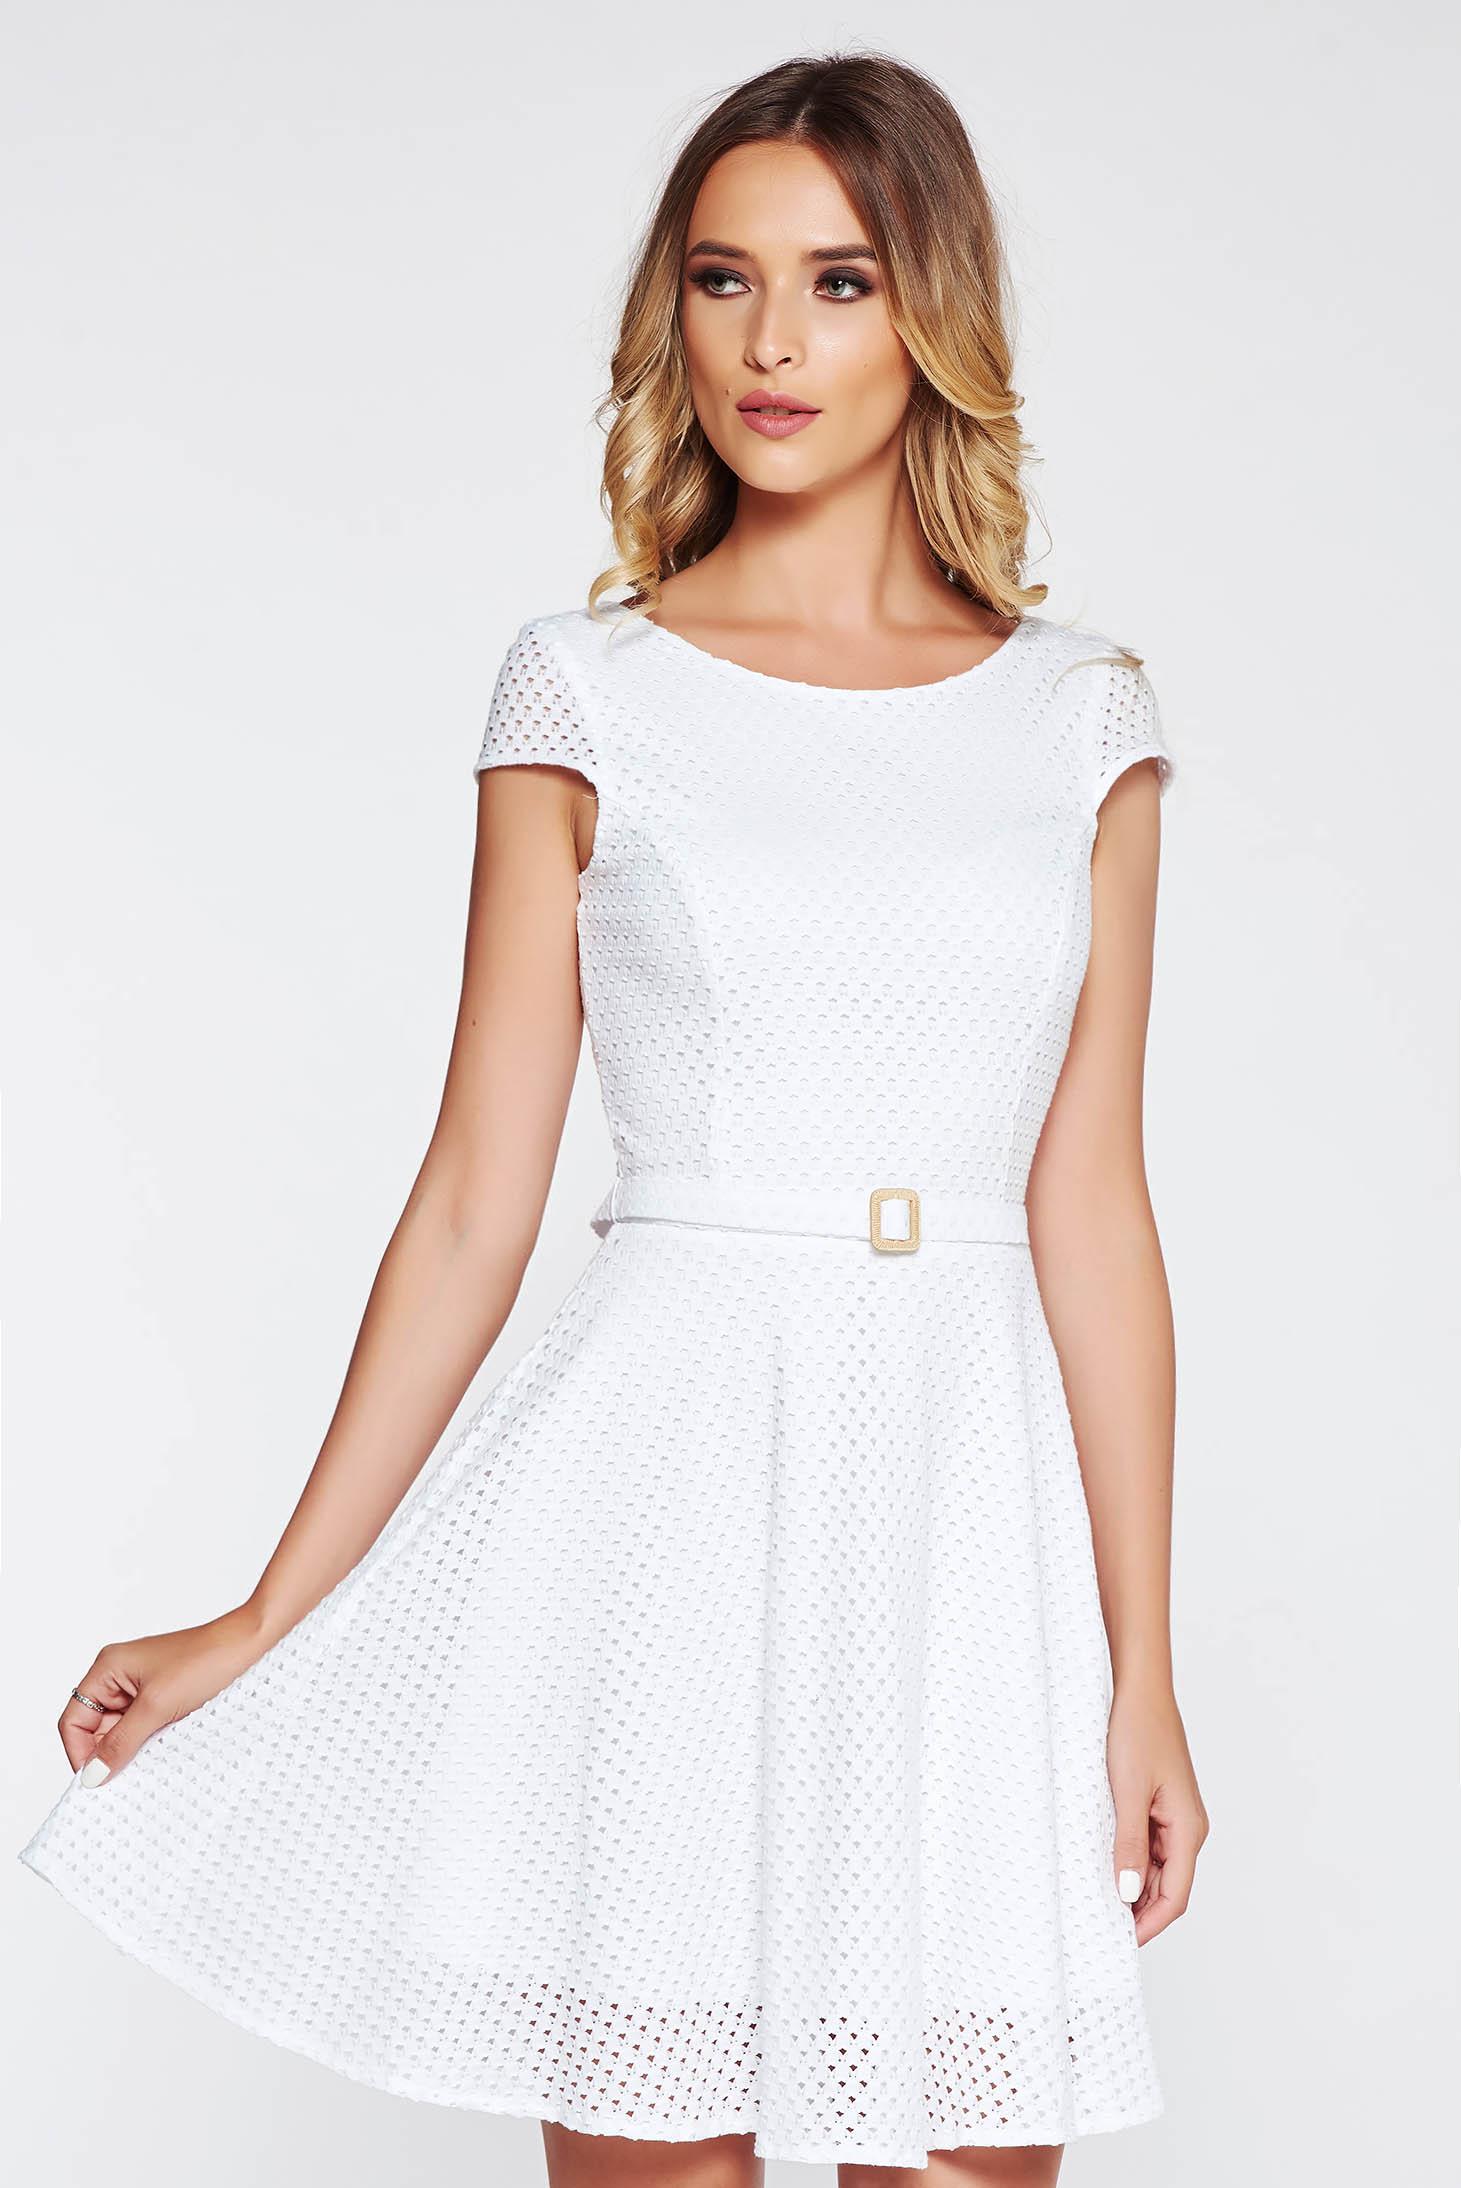 Fehér StarShinerS hétköznapi harang ruha nem elasztikus pamut belső  béléssel öv típusú kiegészítővel f7860f4501